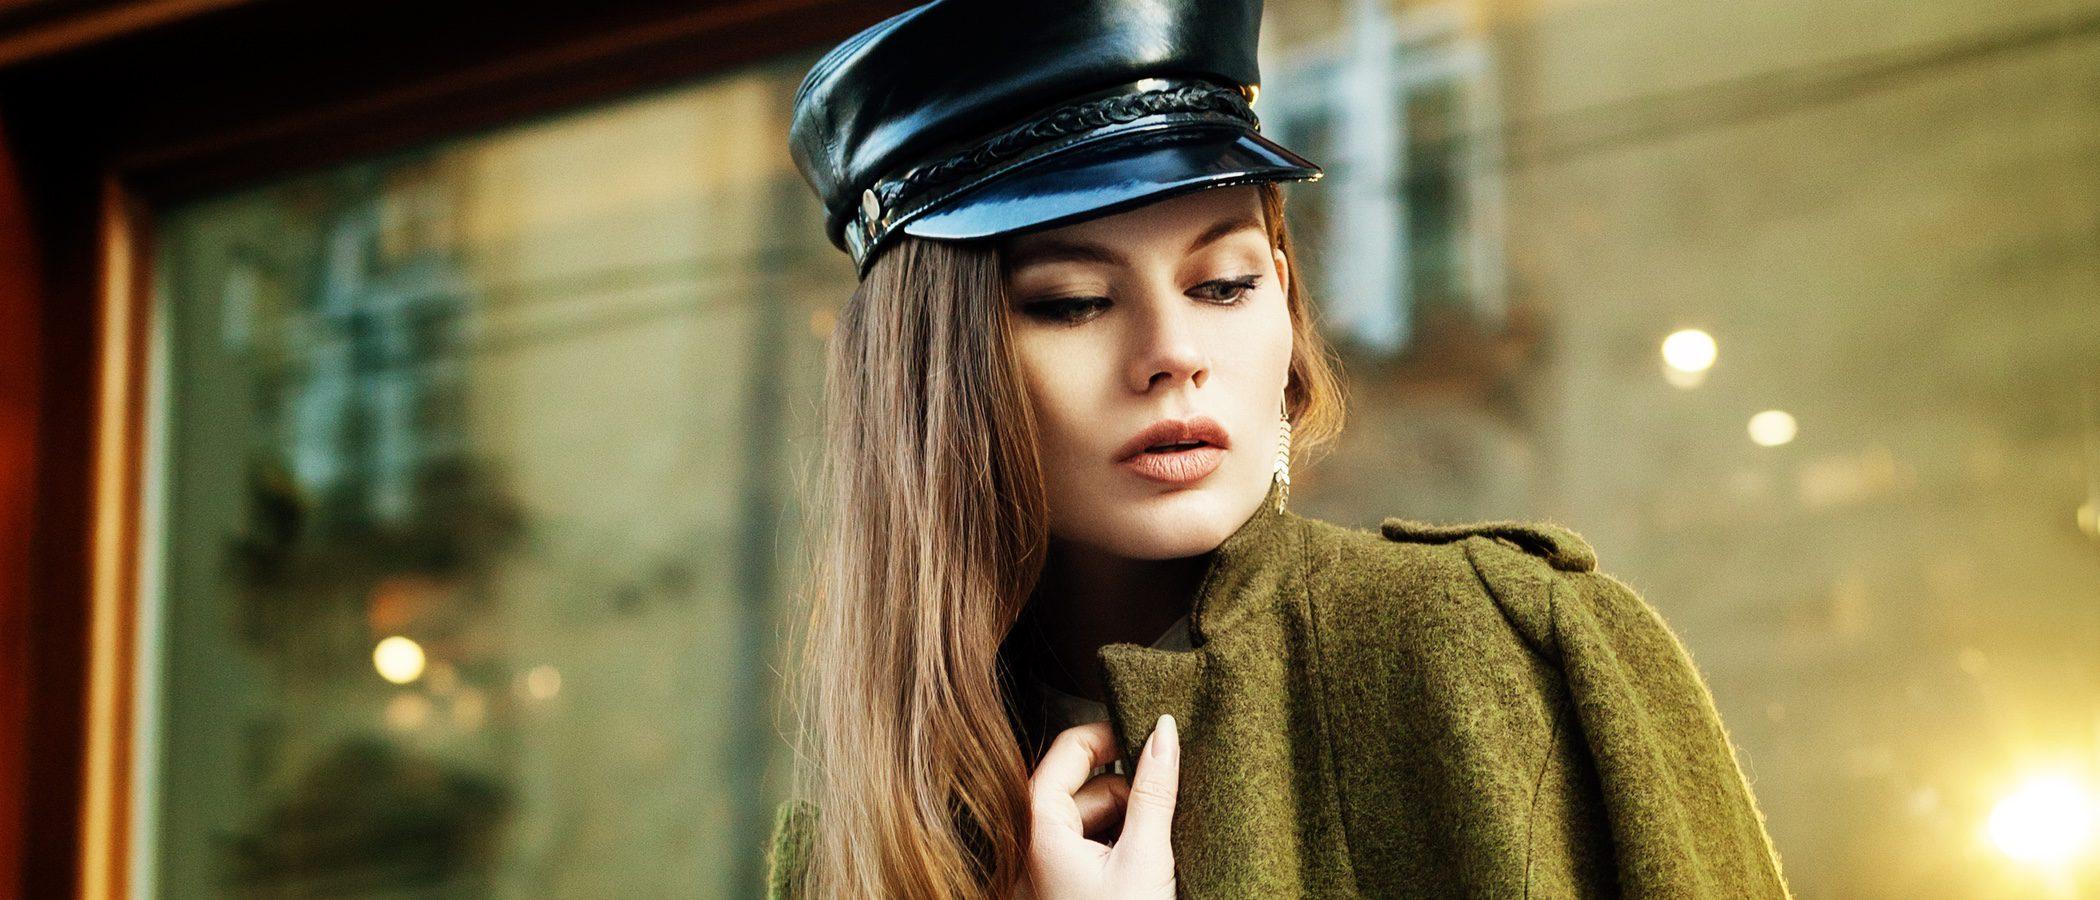 Gorra marinera: guía de estilo